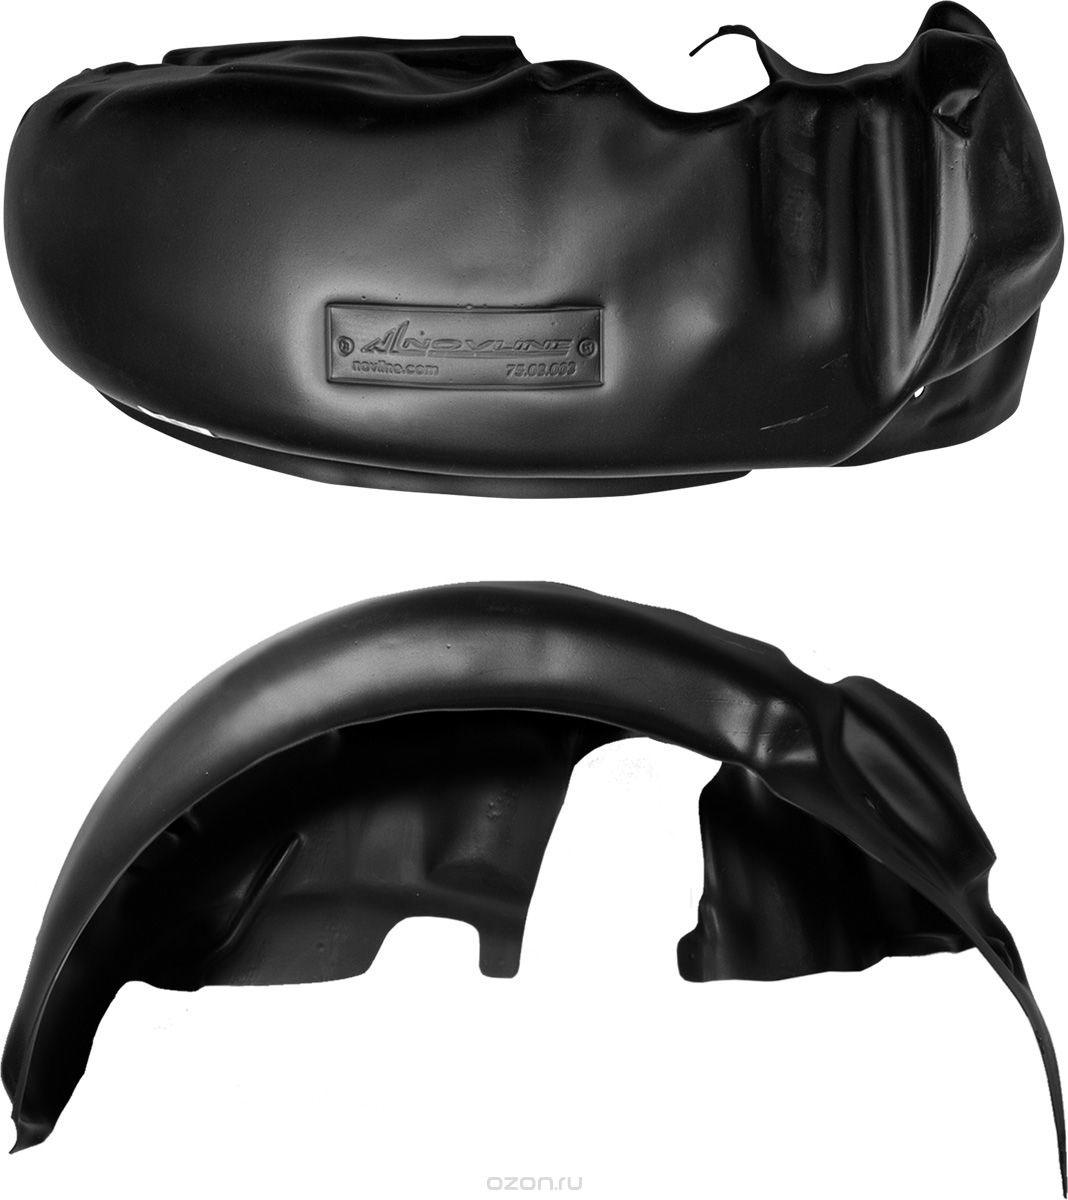 Подкрылок Novline-Autofamily, для MAZDA CX-7 2010-2013, передний правыйIRK-503Идеальная защита колесной ниши. Локеры разработаны с применением цифровых технологий, гарантируют максимальную повторяемость поверхности арки. Изделия устанавливаются без нарушения лакокрасочного покрытия автомобиля, каждый подкрылок комплектуется крепежом. Уважаемые клиенты, обращаем ваше внимание, что фотографии на подкрылки универсальные и не отражают реальную форму изделия. При этом само изделие идет точно под размер указанного автомобиля.